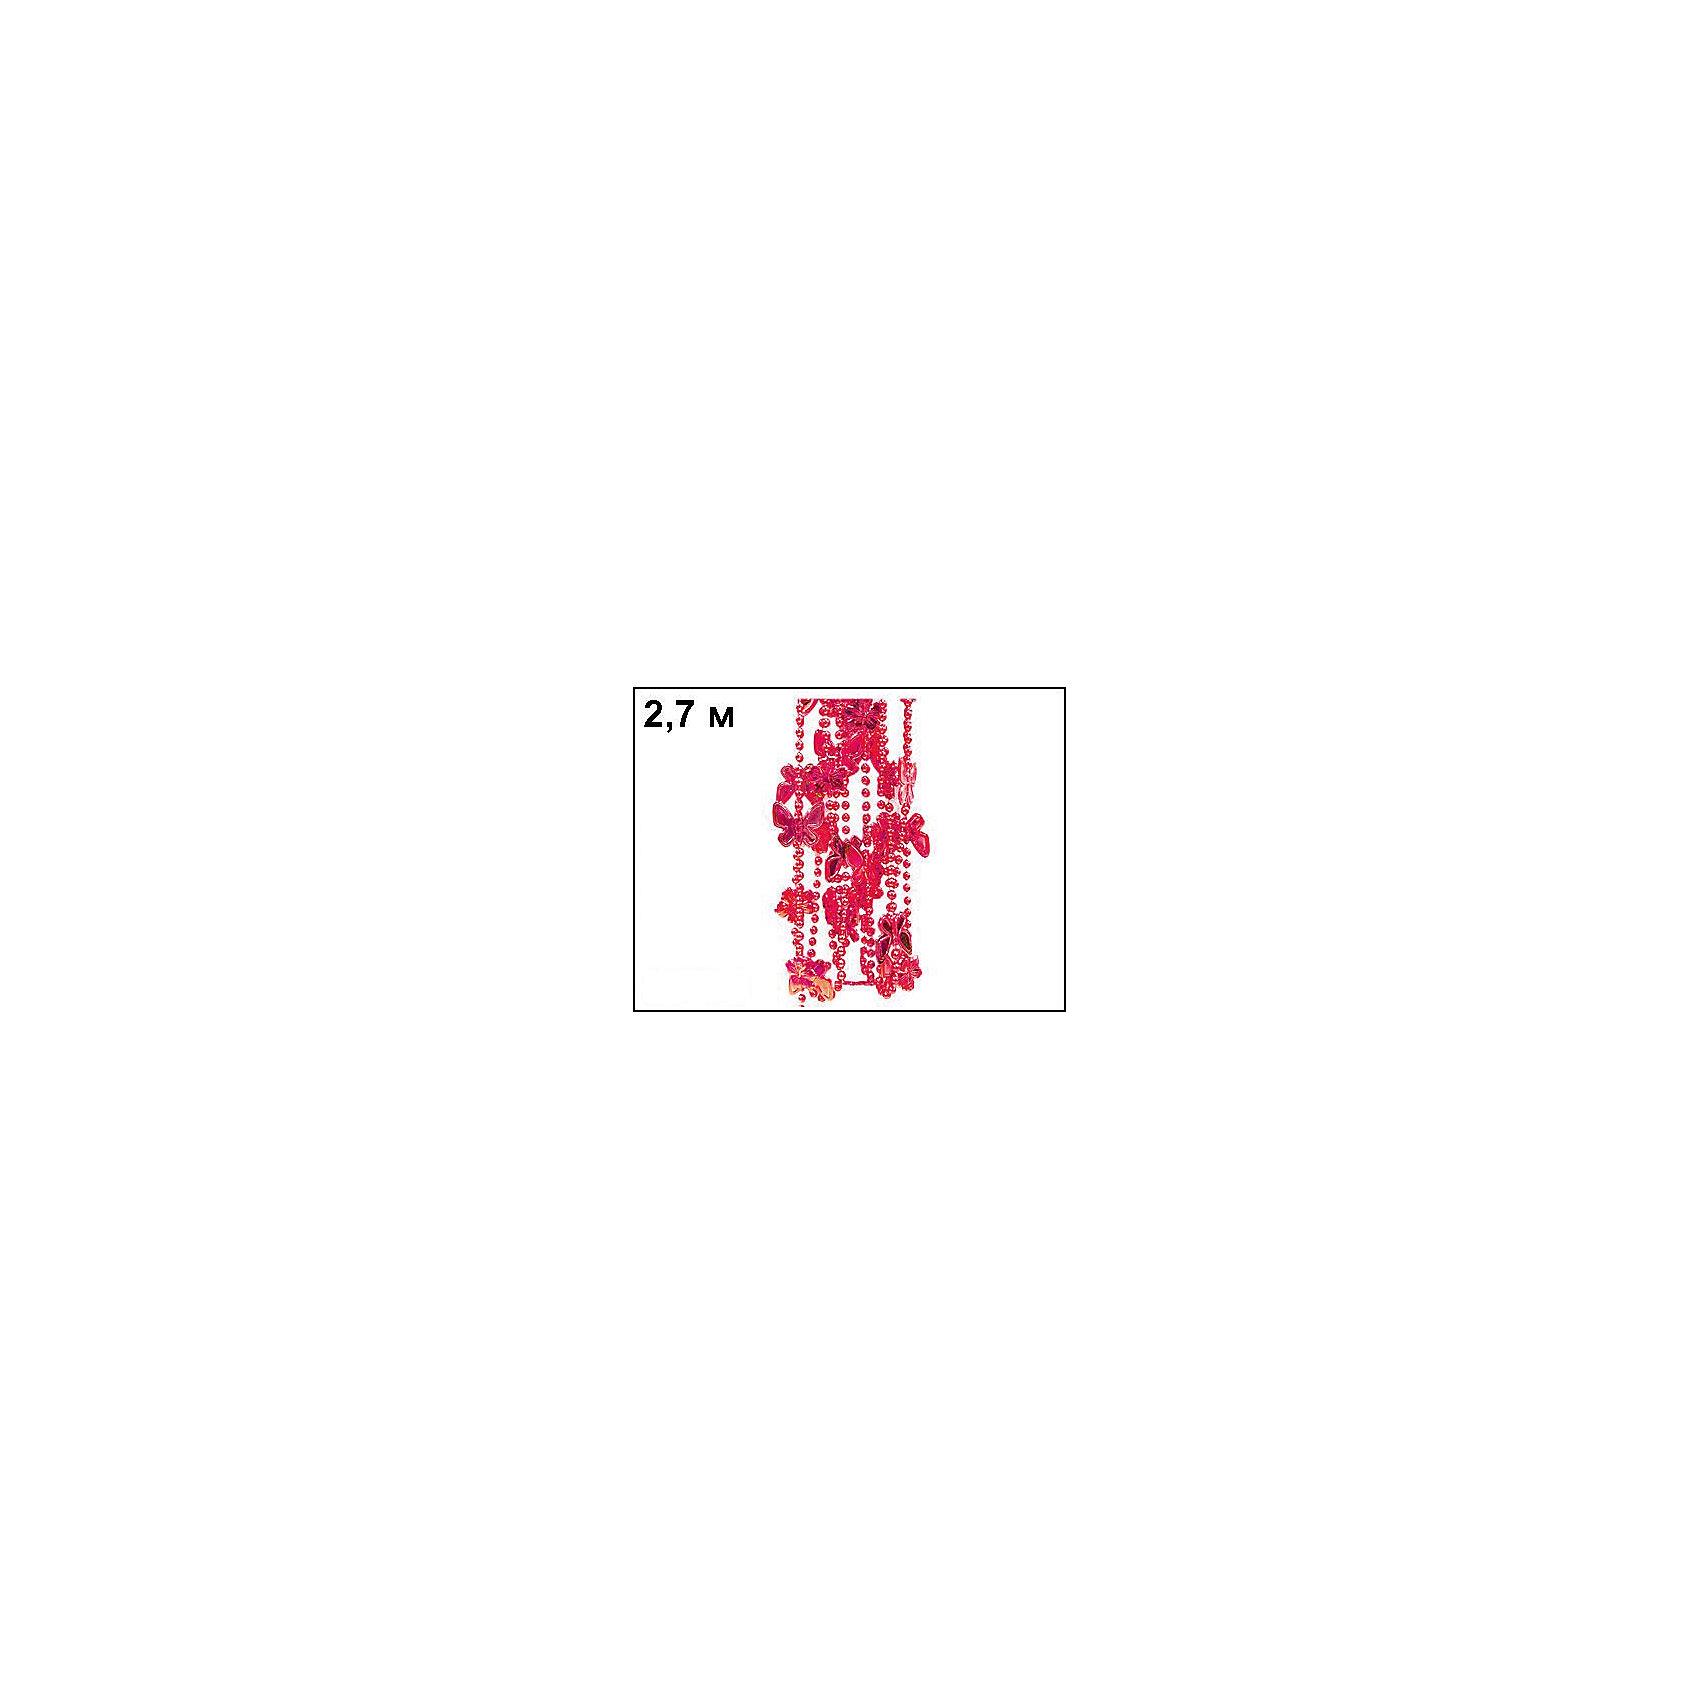 Бусы Бабочки 2,7 м, Marko FerenzoВсё для праздника<br>Бусы Бабочки 2,7 м, Marko Ferenzo (Марко Ферензо) – это великолепное украшение придаст елке особое очарование.<br>Нарядные бусы с большими бабочками от Marko Ferenzo (Марко Ферензо) прекрасно подойдут для декорирования елки и будут идеально сочетаться с огоньками и другими игрушками. Бусы можно использовать не только для того, что бы нарядить зеленую красавицу, ими можно украсить детали интерьера: торшер, полку, всевозможные переключатели и ручки. Украсив елку и предметы интерьера этими бусами, вы создадите атмосферу фантастического праздника. Торговая марка «Marko Ferenzo» (Марко Ферензо) – это стиль, красочность, оригинальность и качество, которому можно доверять!<br><br>Дополнительная информация:<br><br>- Длина: 2,7 м.<br>- Цвет: красный<br><br>Бусы Бабочки 2,7 м, Marko Ferenzo (Марко Ферензо) можно купить в нашем интернет-магазине.<br><br>Ширина мм: 100<br>Глубина мм: 10<br>Высота мм: 100<br>Вес г: 743<br>Возраст от месяцев: 36<br>Возраст до месяцев: 2147483647<br>Пол: Унисекс<br>Возраст: Детский<br>SKU: 4418938